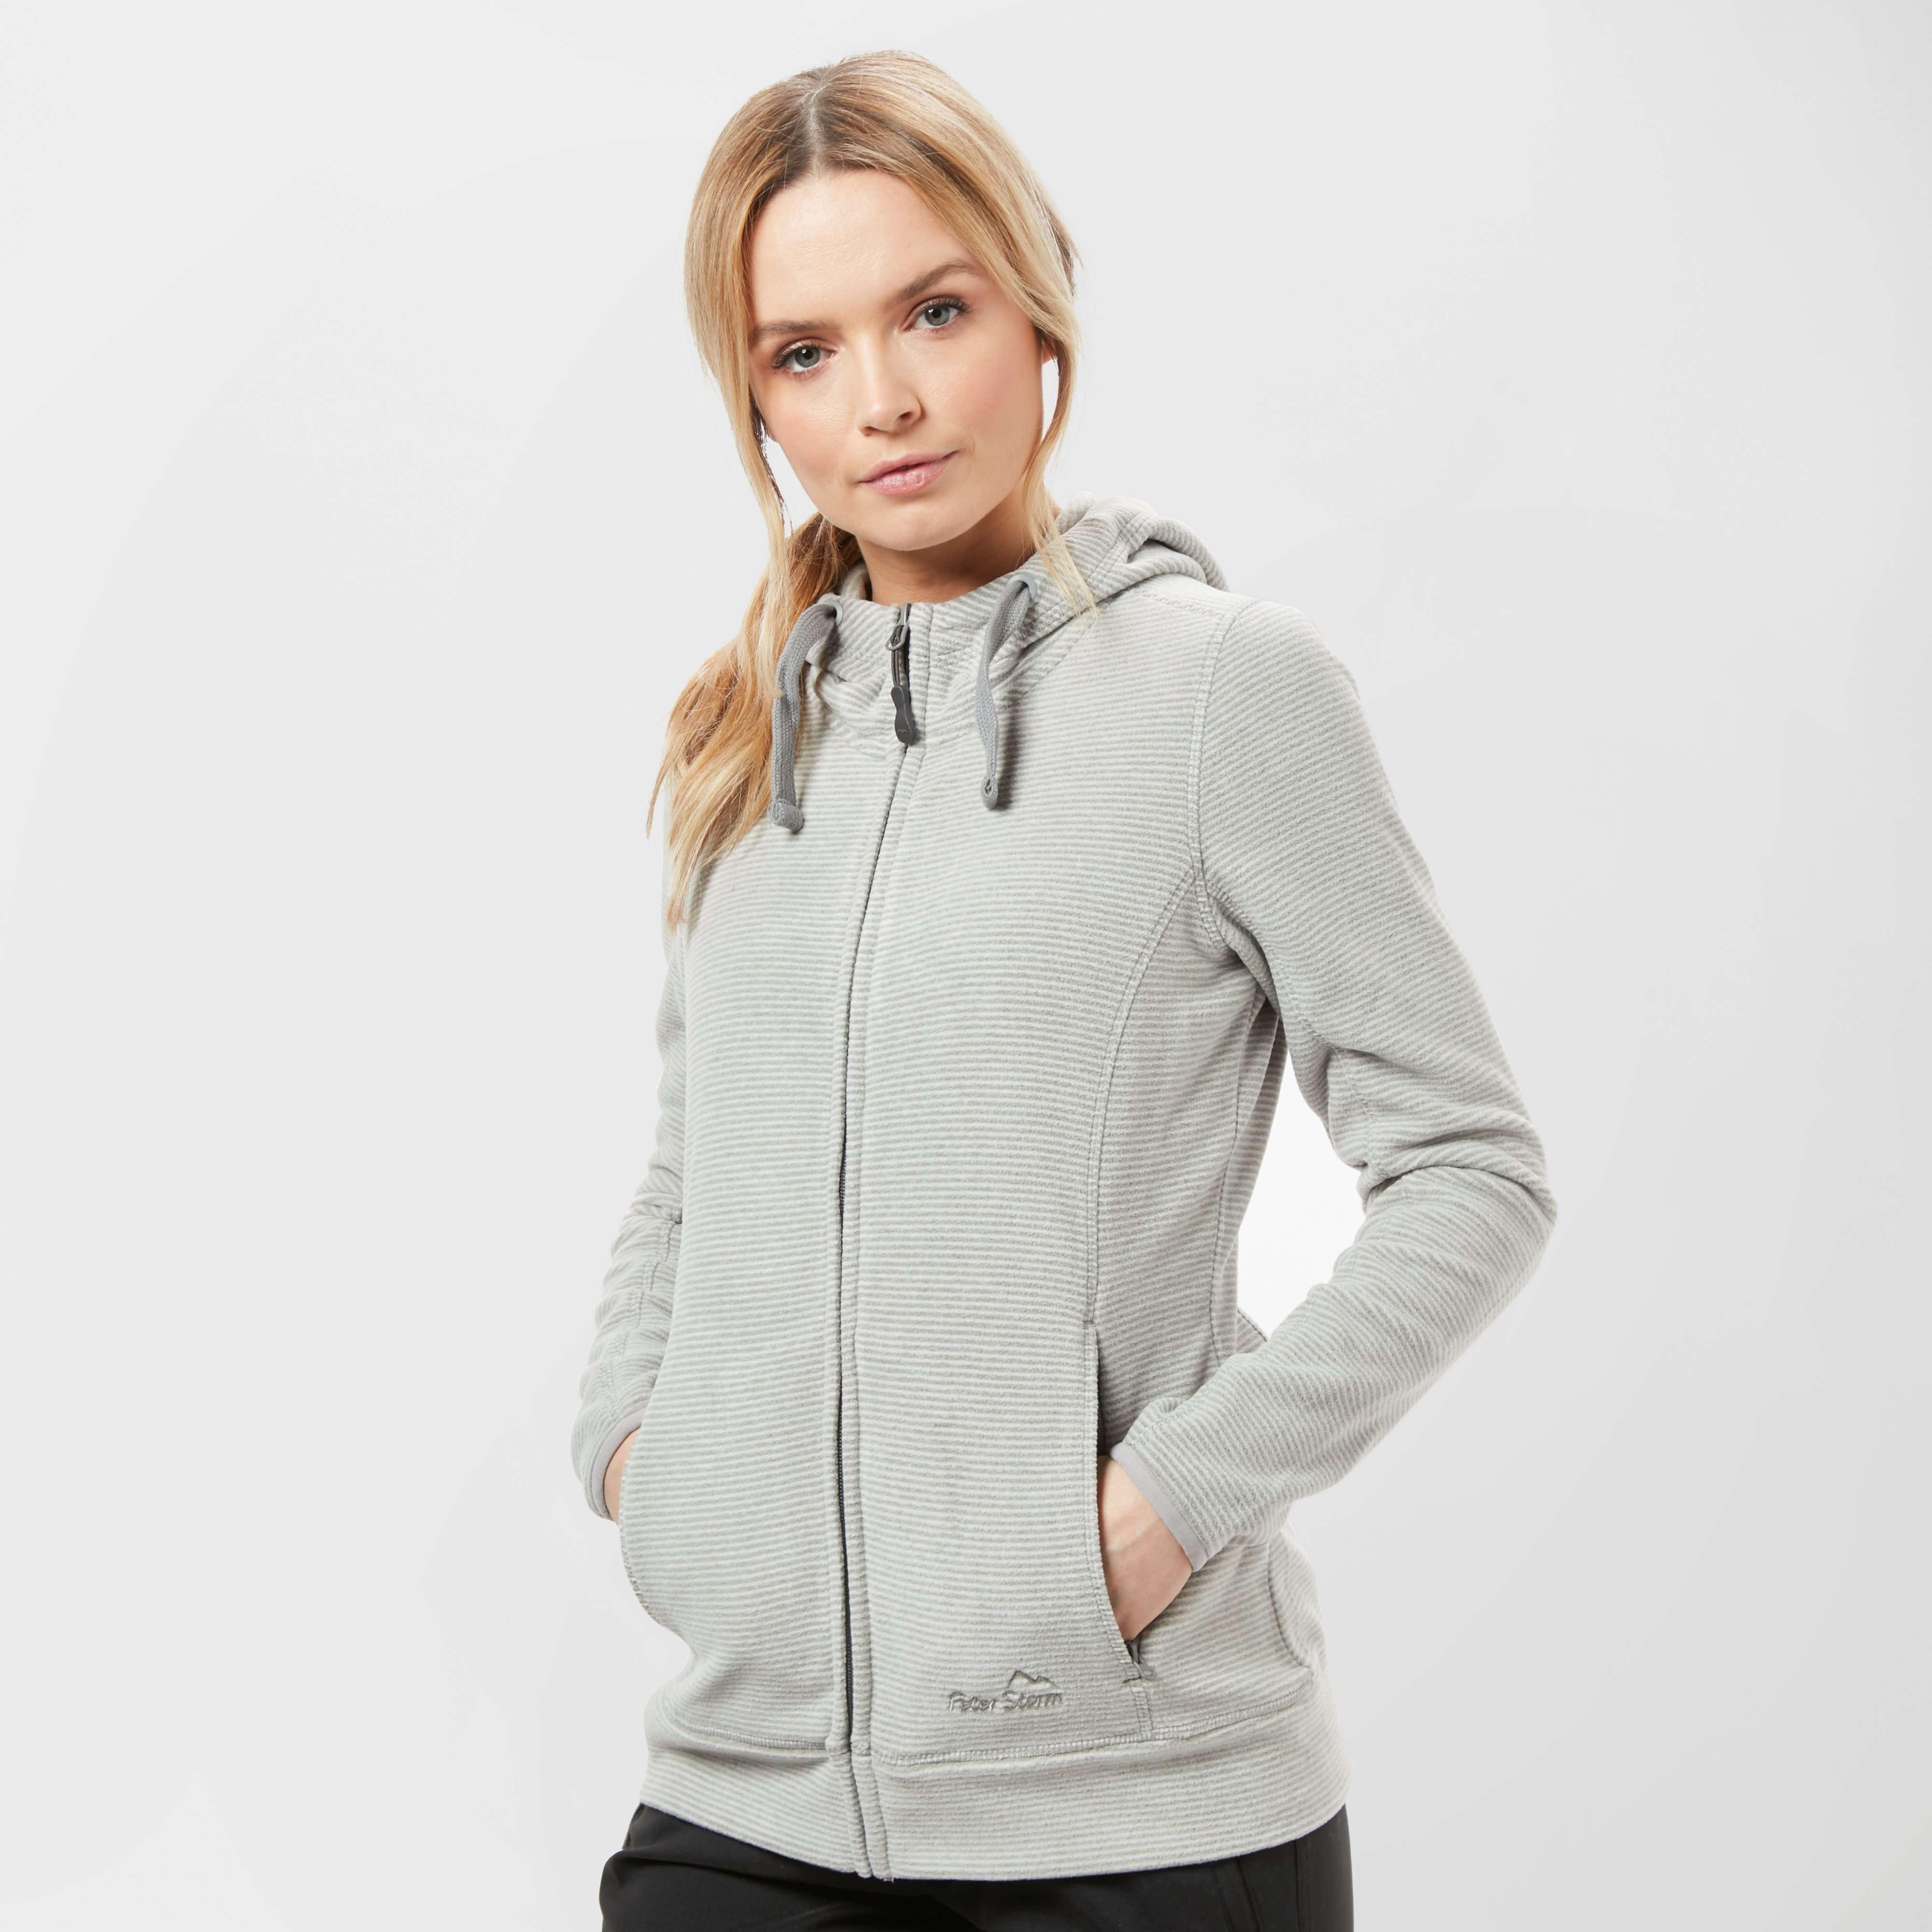 PETER STORM Women's Full Zip Striped Micro Fleece Jacket